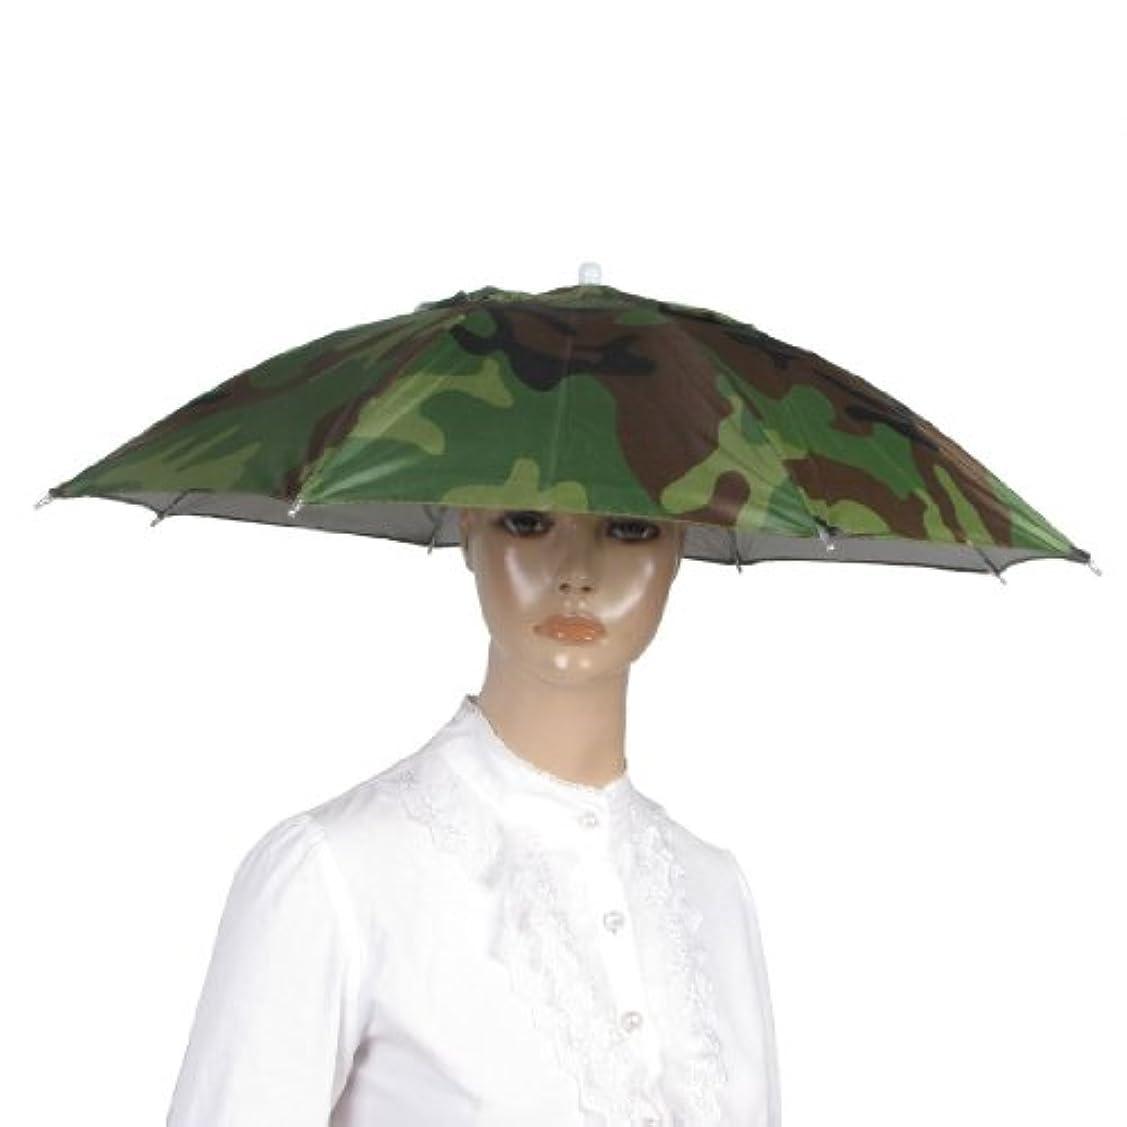 調停する標高フォーマットSODIAL(R) 釣りの弾性ヘッドバンドの迷彩の傘、帽子